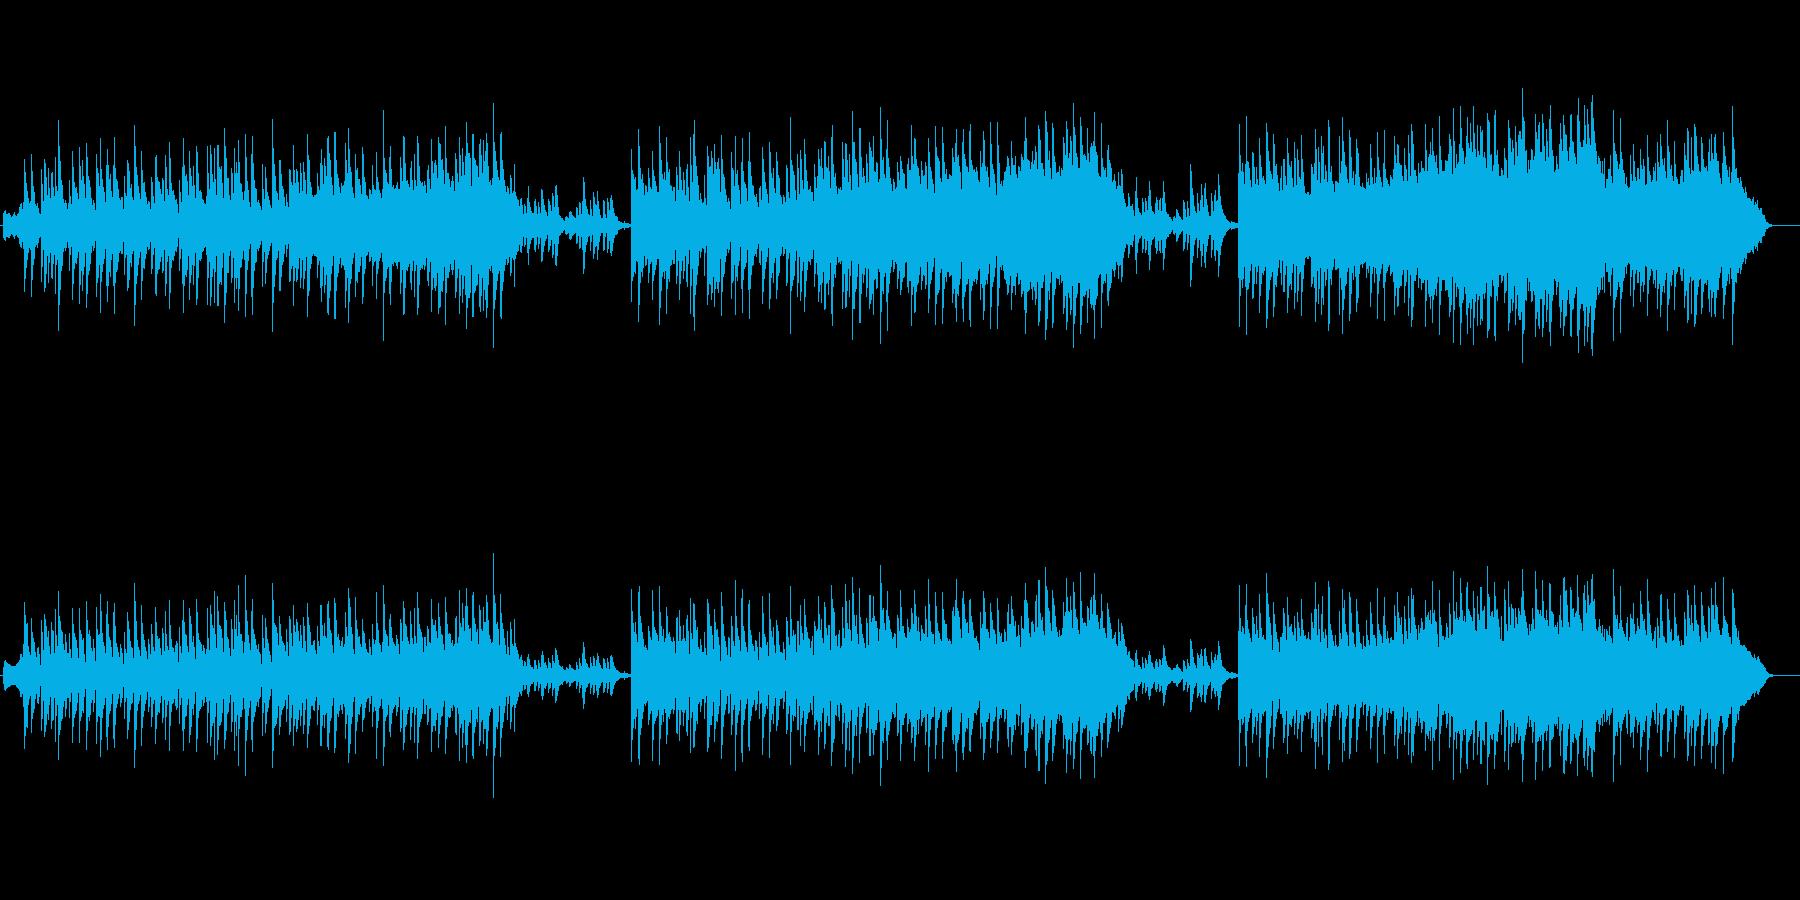 穏やかなほのぼのBGM/バラードの再生済みの波形